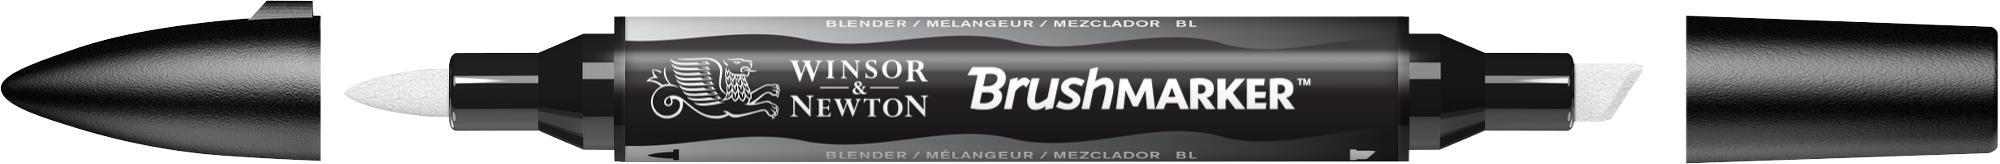 BrushMarker - Stylo pinceau et marqueur - blender